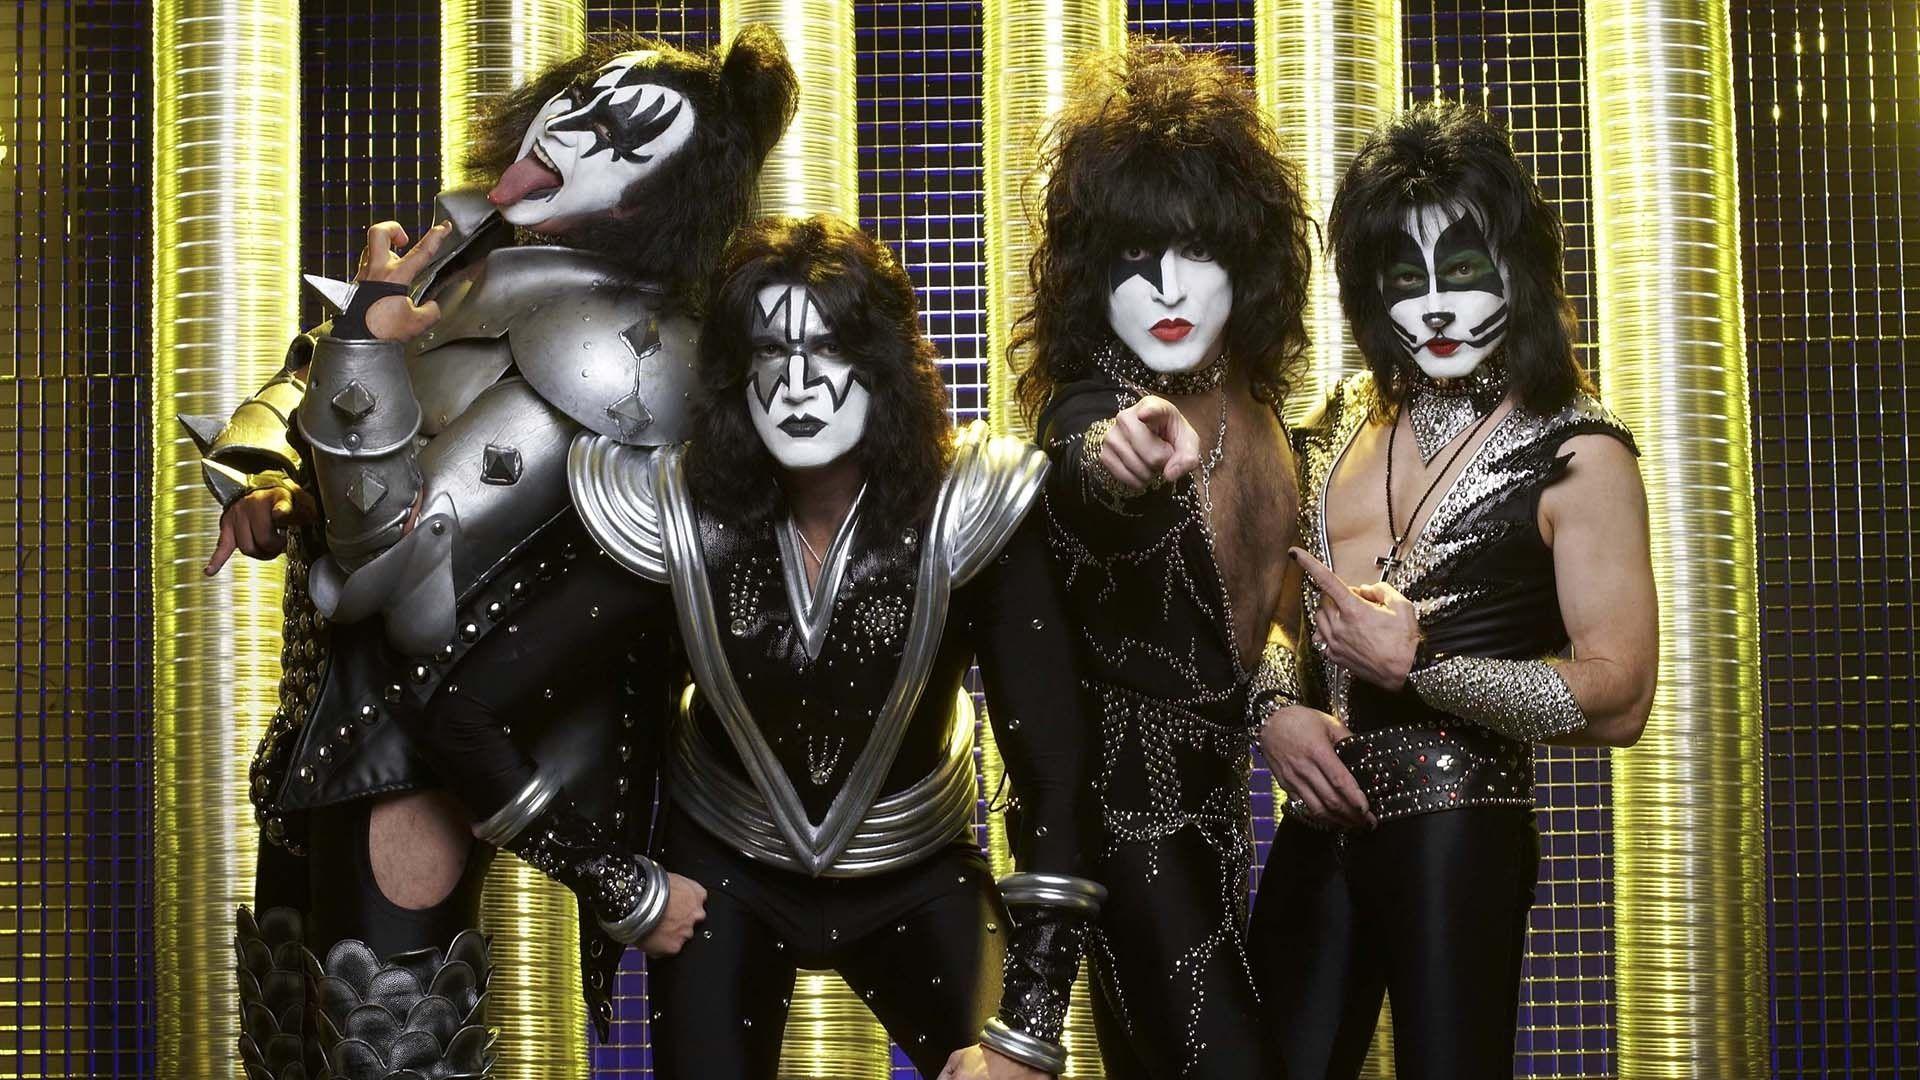 Май картинки, картинки рок группы кисс